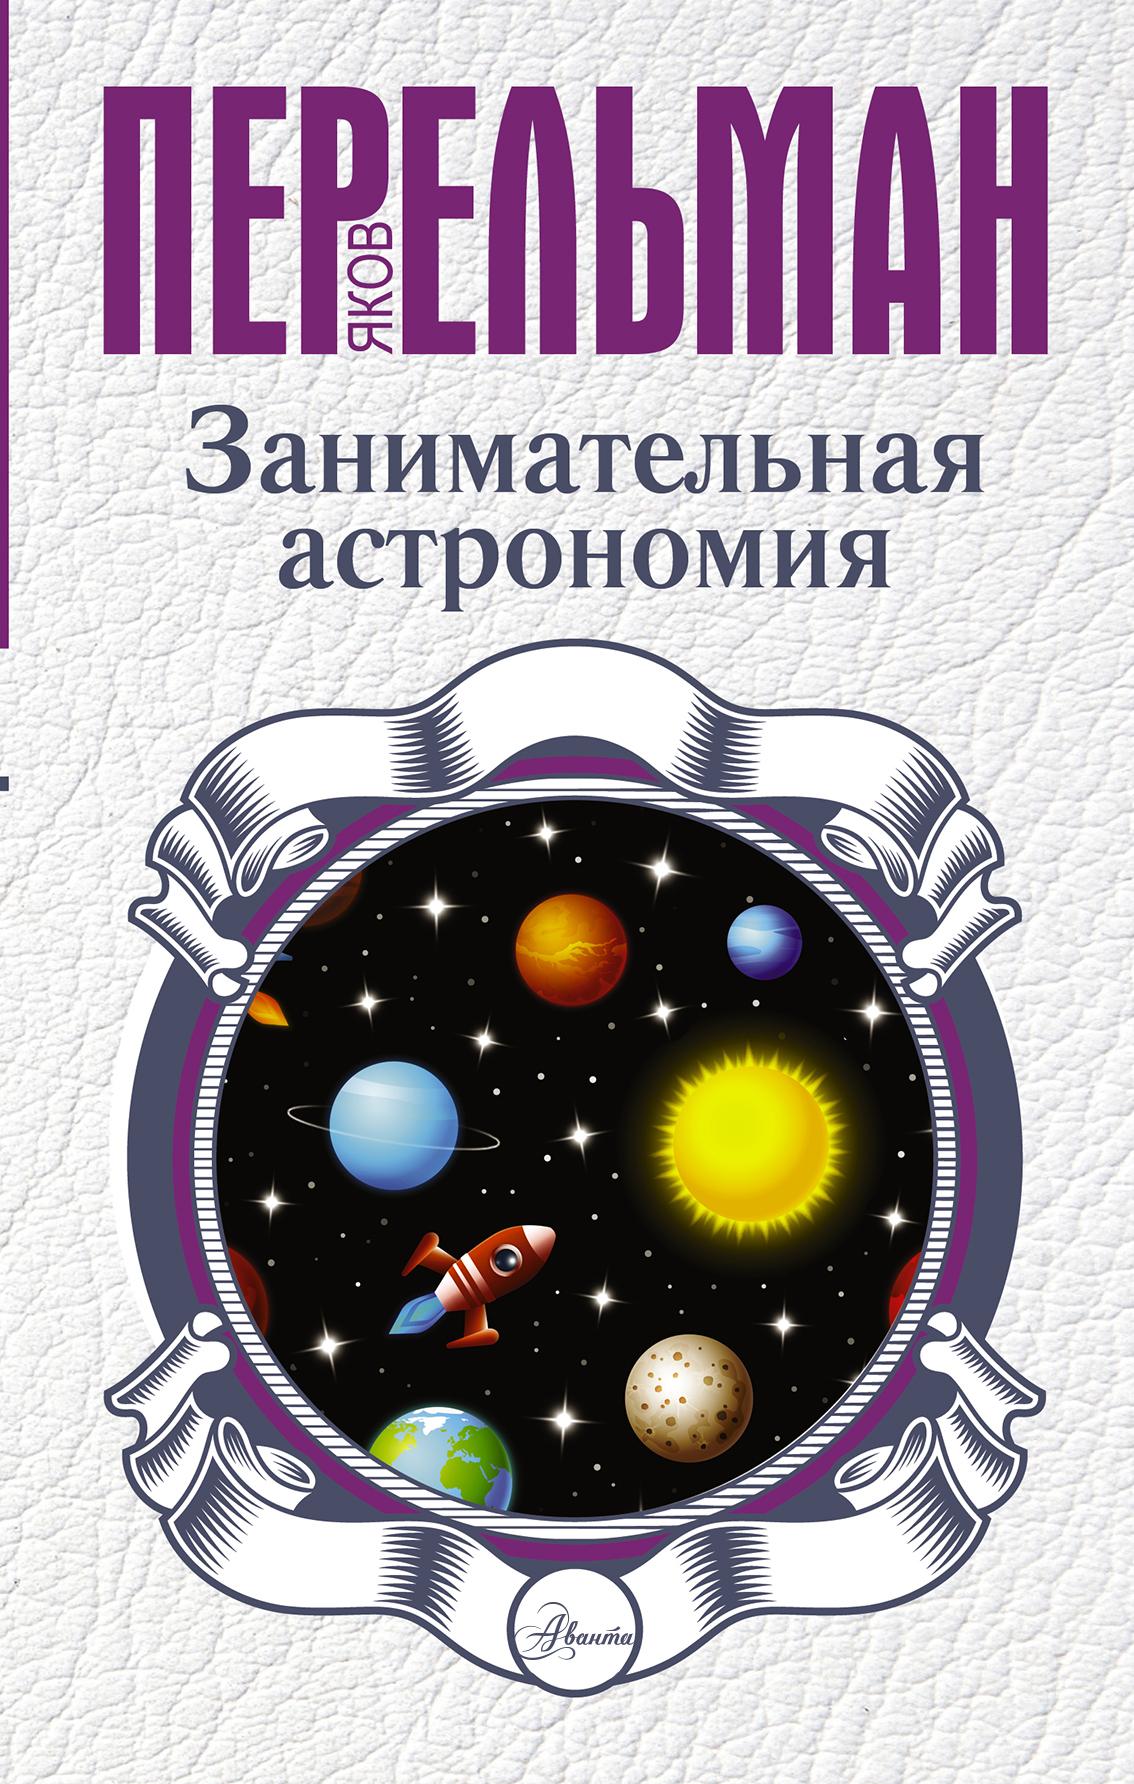 Читать книгу занимательная астрономия перельман